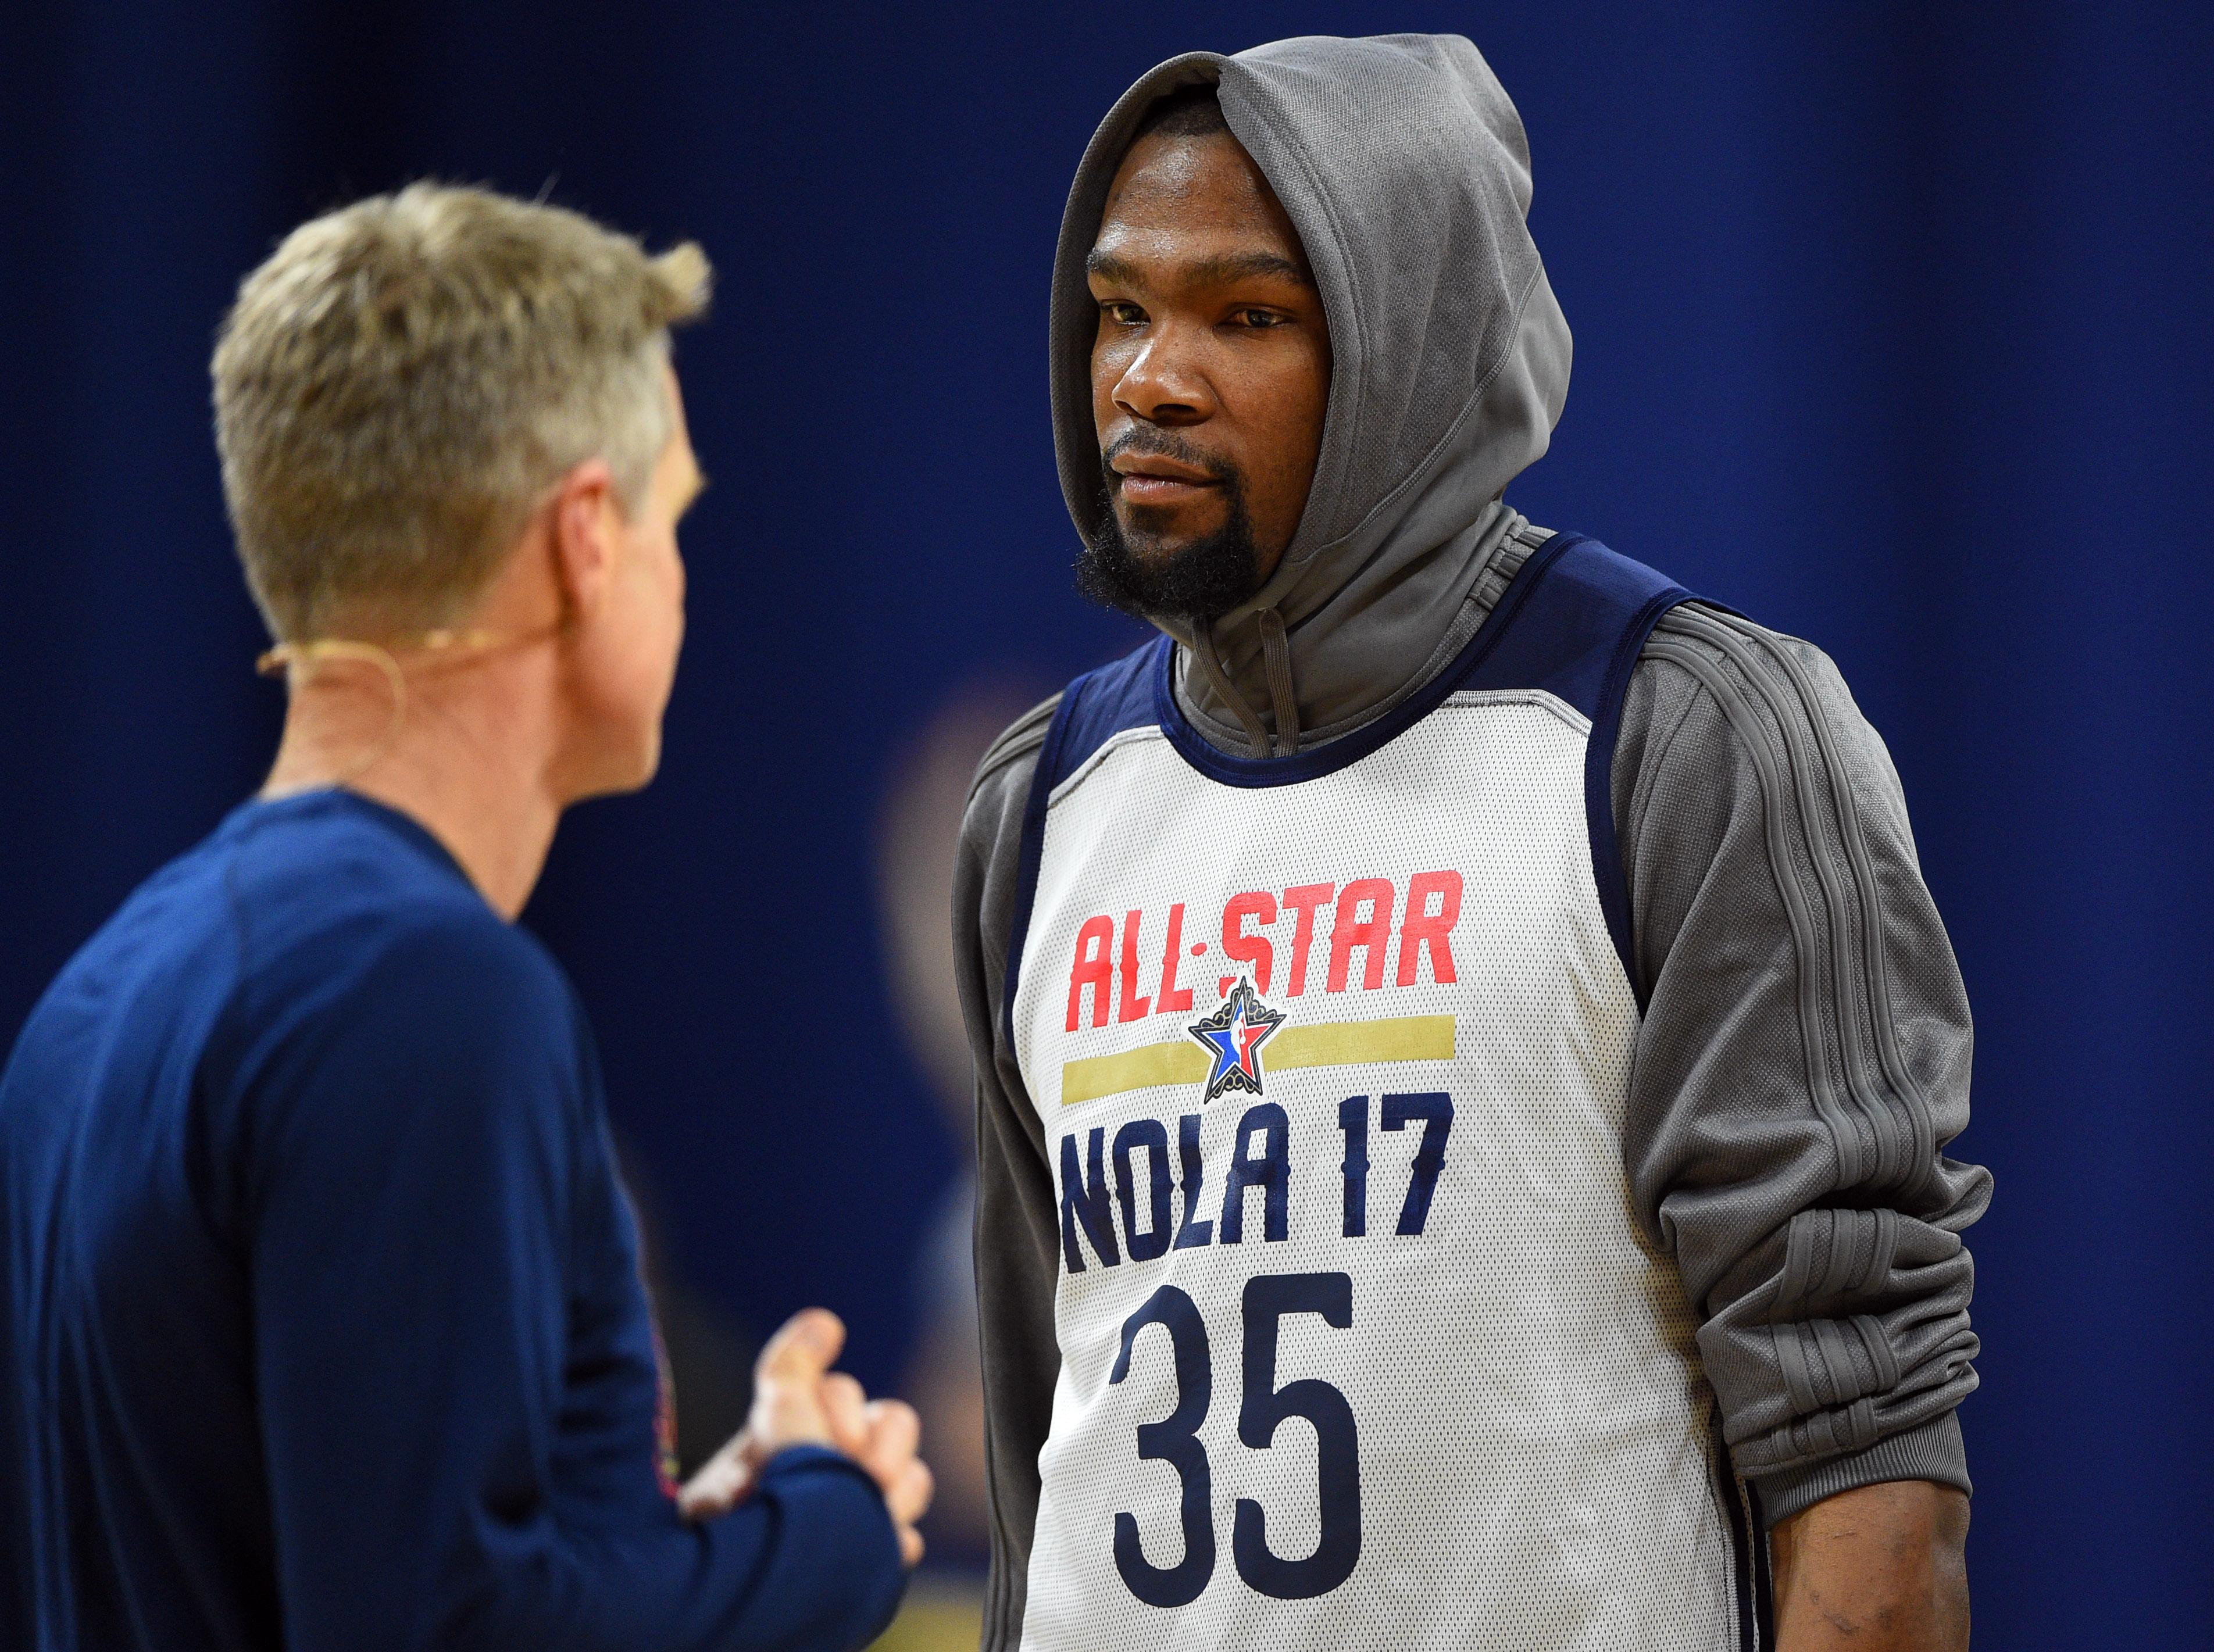 Đề cử hai đội hình chính NBA All-Star 2018